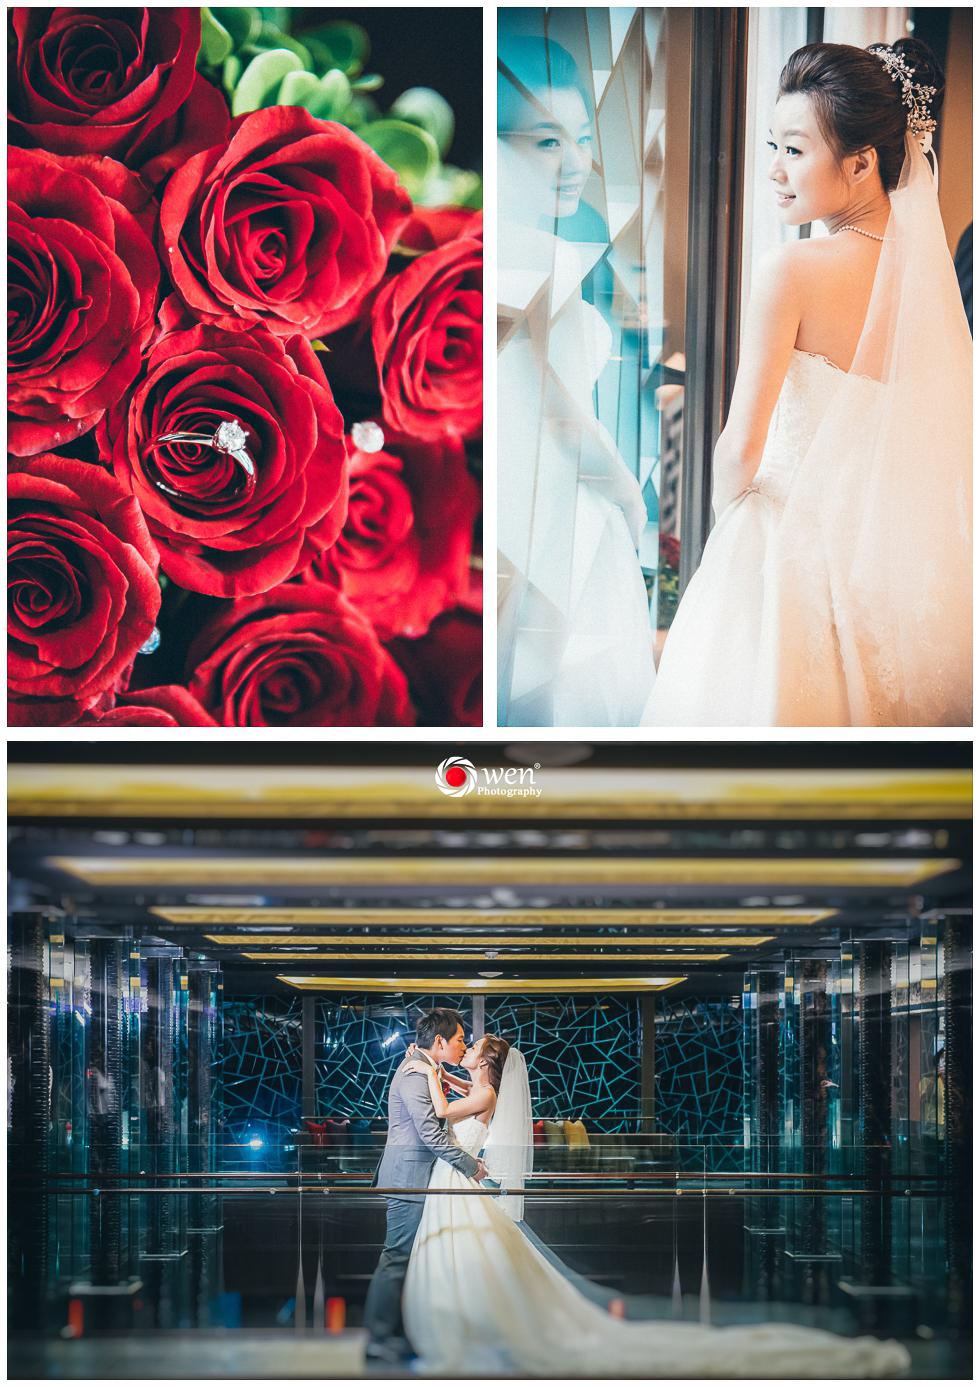 台北推薦婚攝 婚紗愛情萬歲 婚禮紀錄歐文 巴洛克ZOE